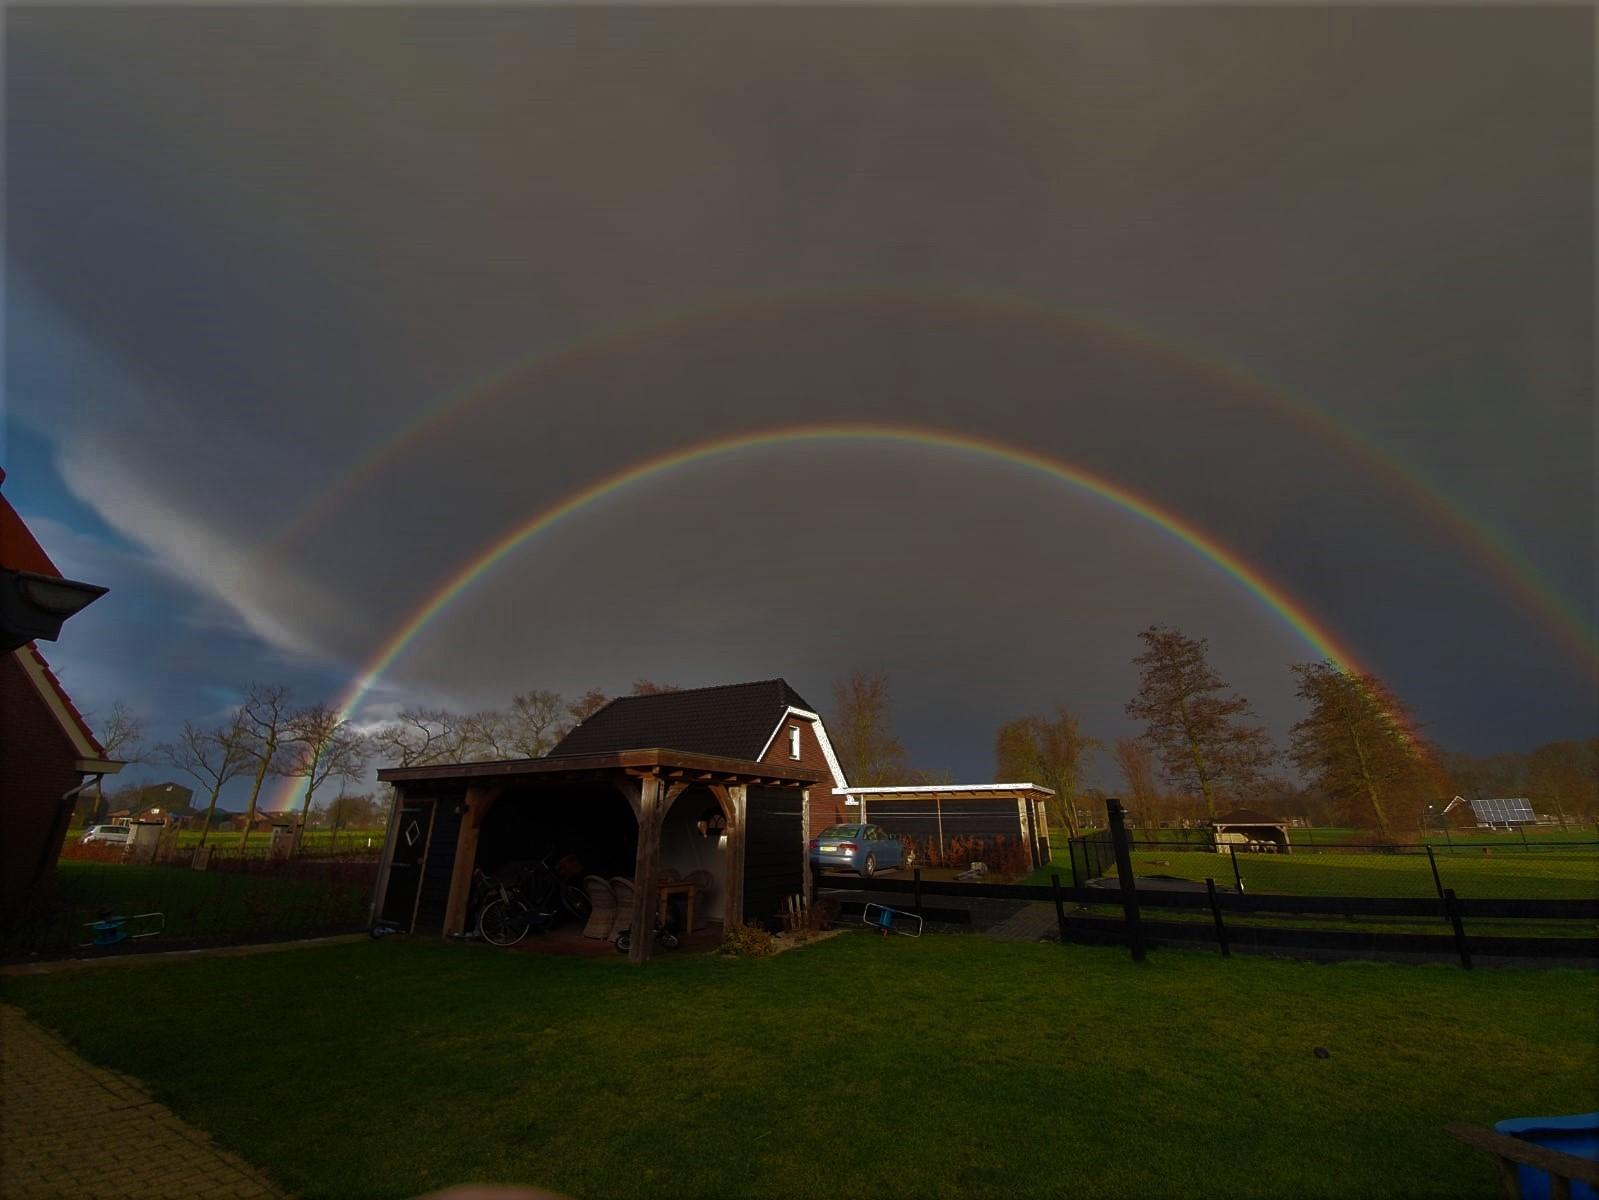 Een dubbele regenboog in Kootwijkerbroek - Foto: ©Heidi van Middendorp-Brom